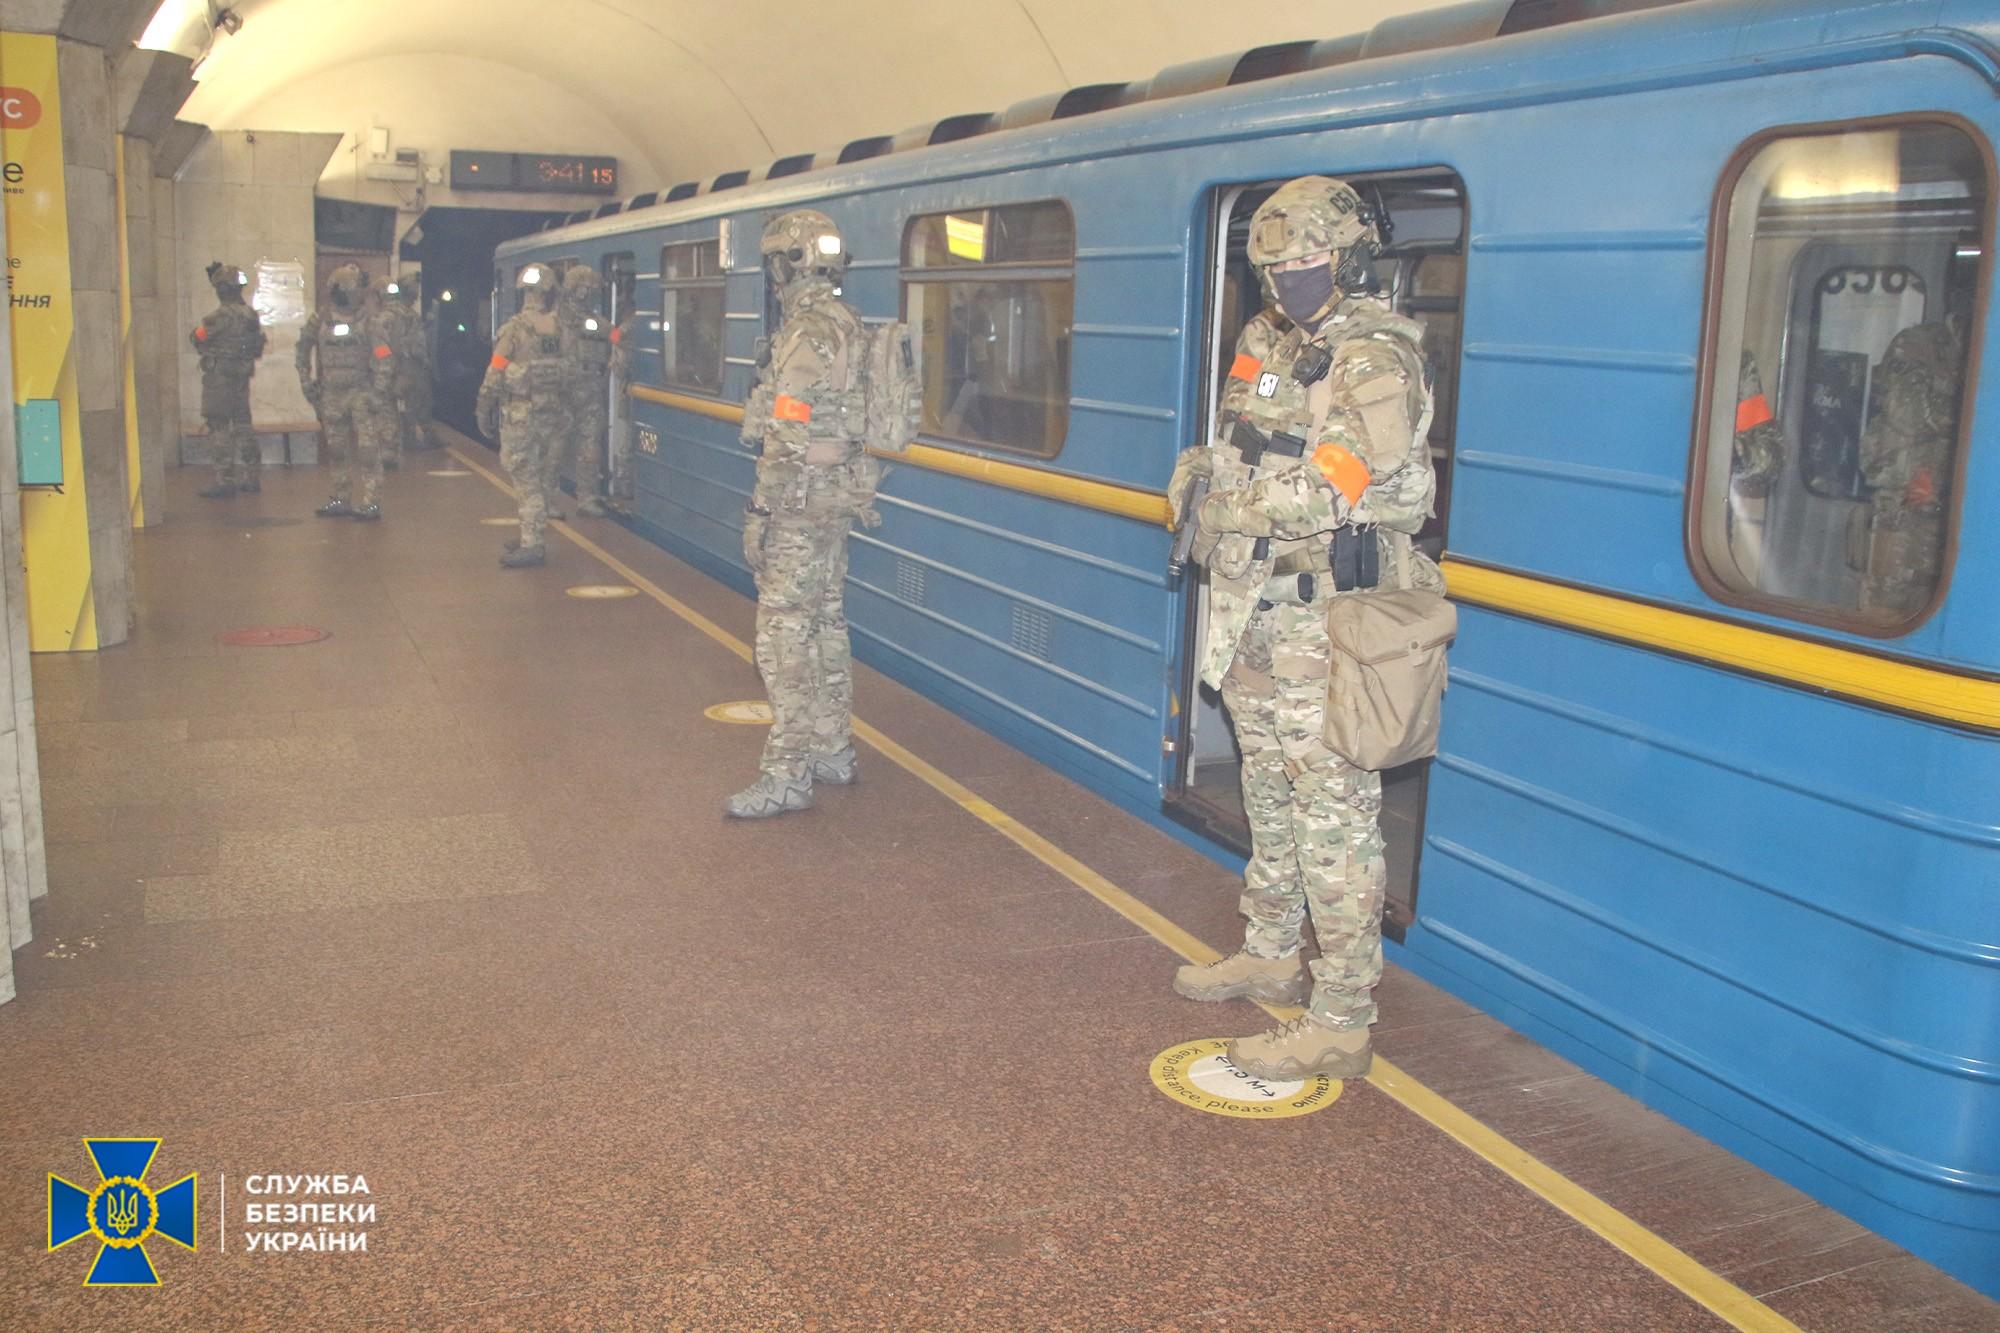 Антитерористичні навчання в метро Києва – як це виглядало